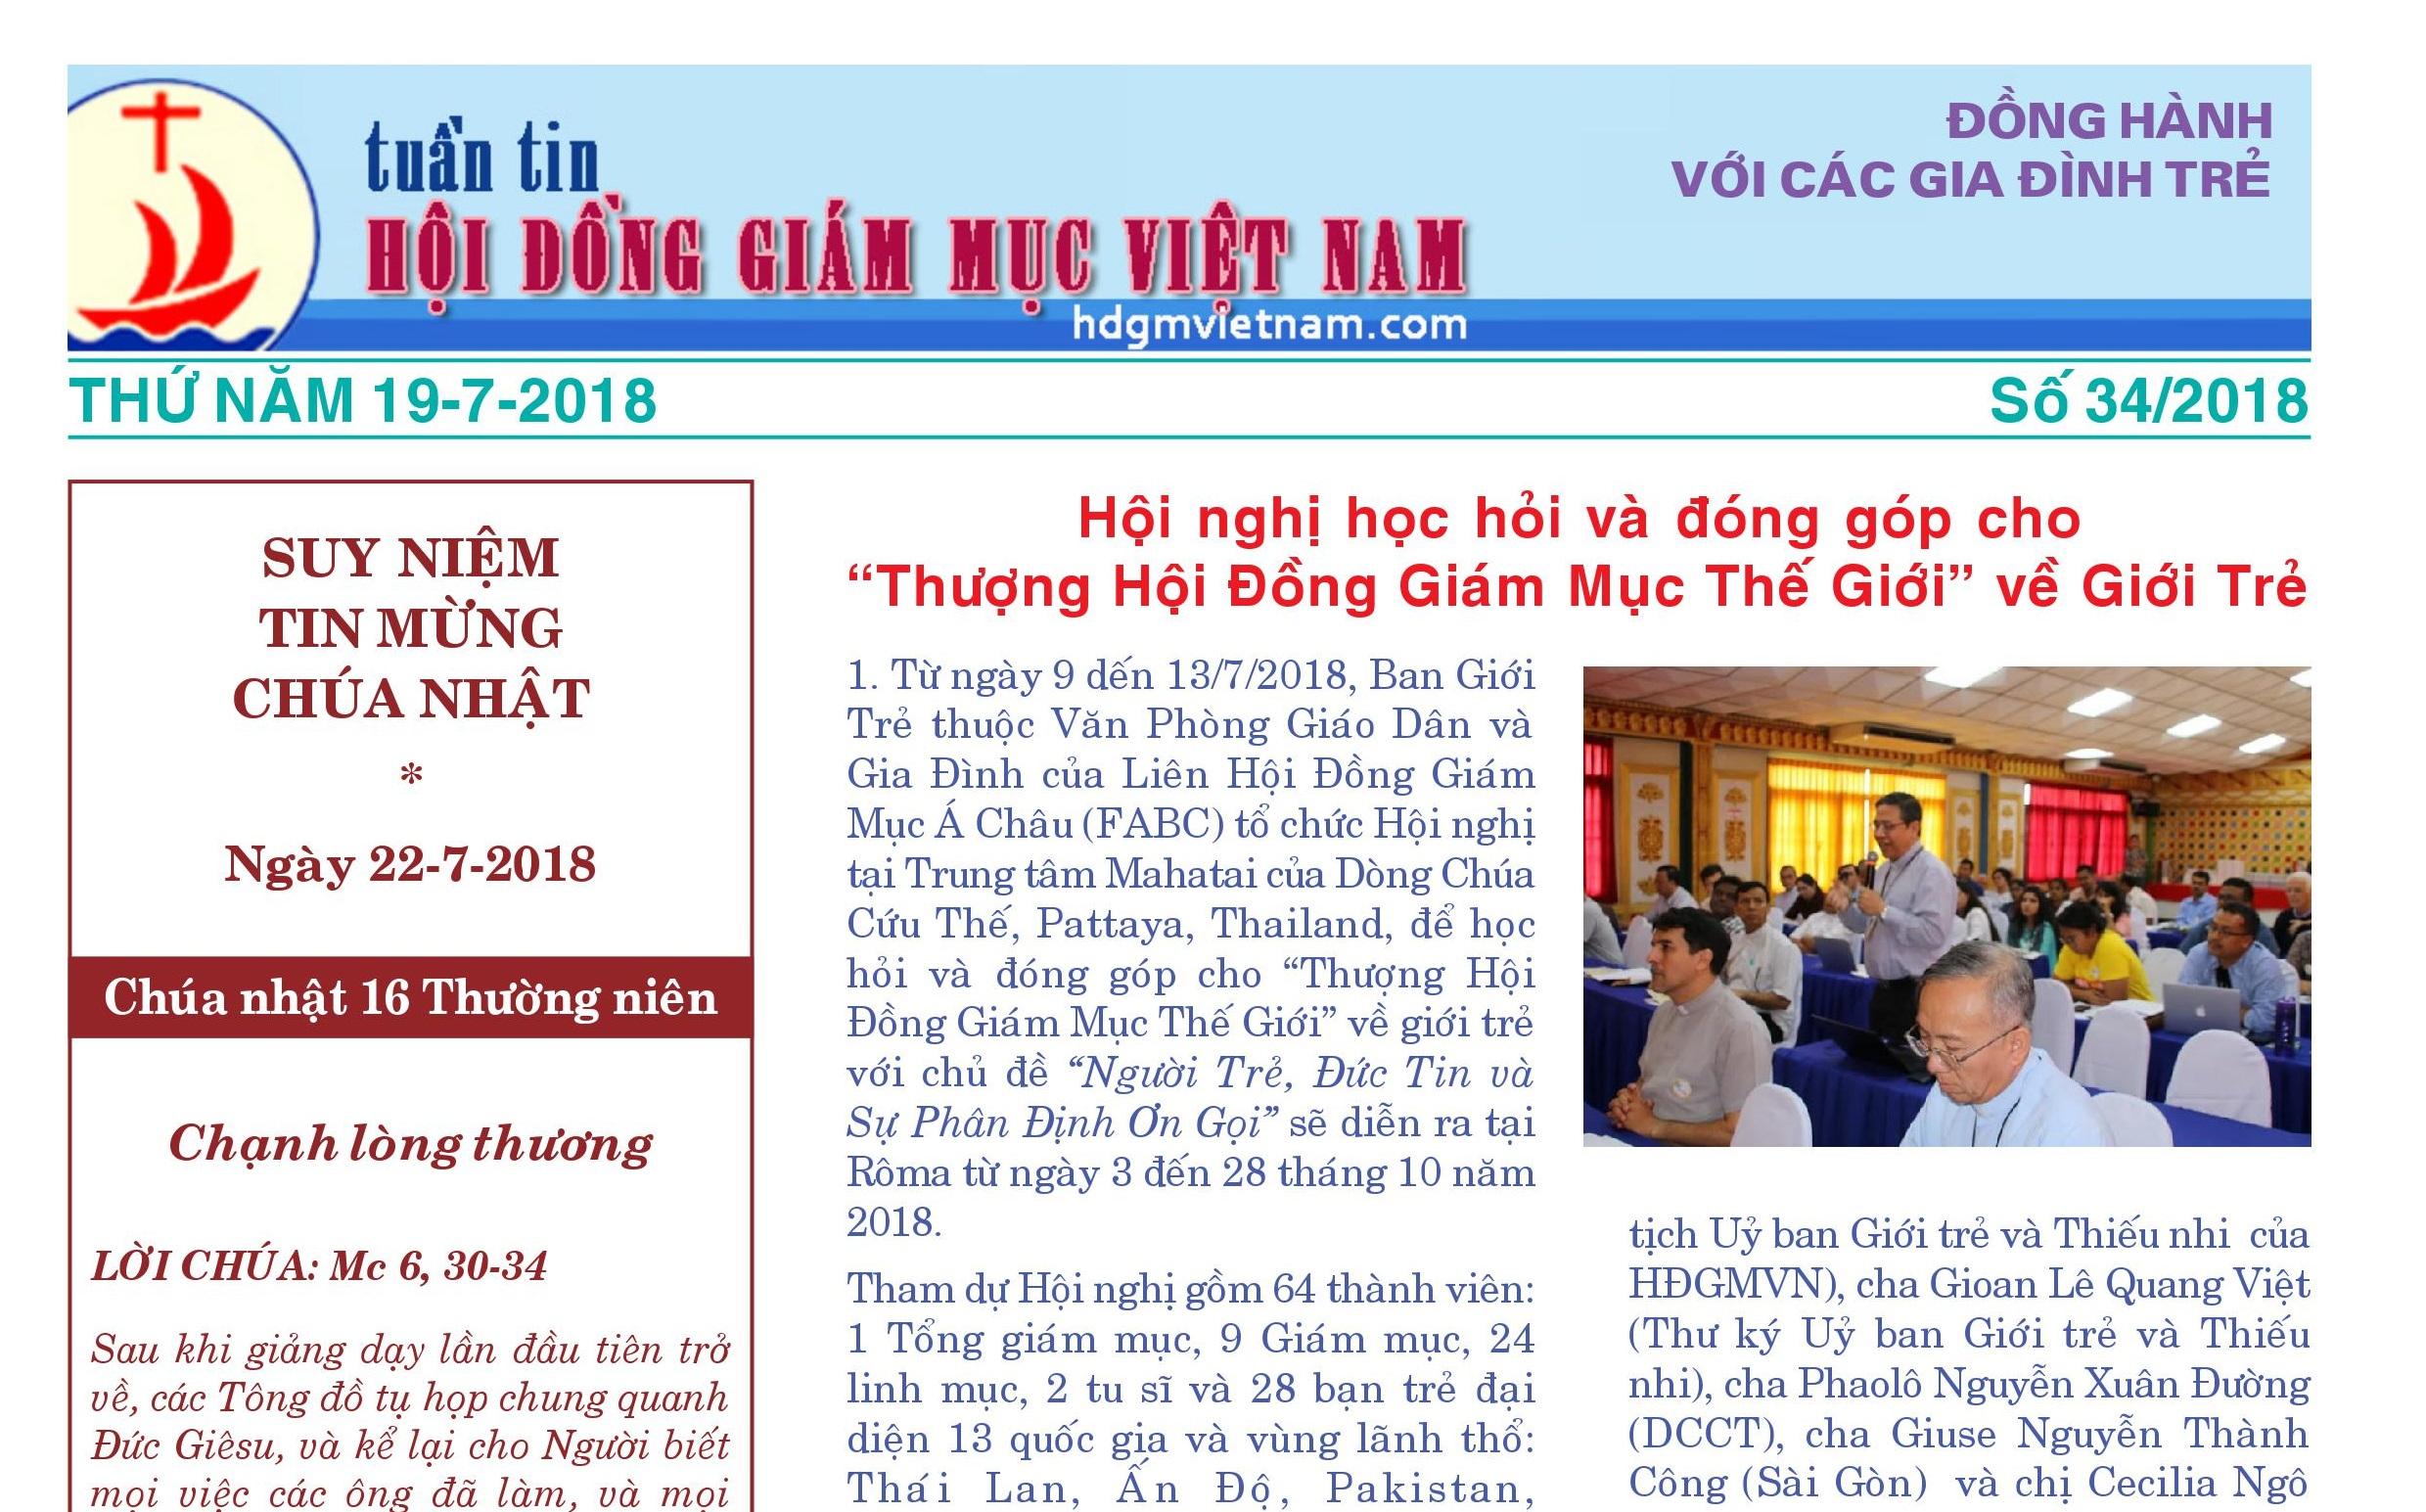 Tuần tin Hội đồng Giám mục Việt Nam số 34/2018